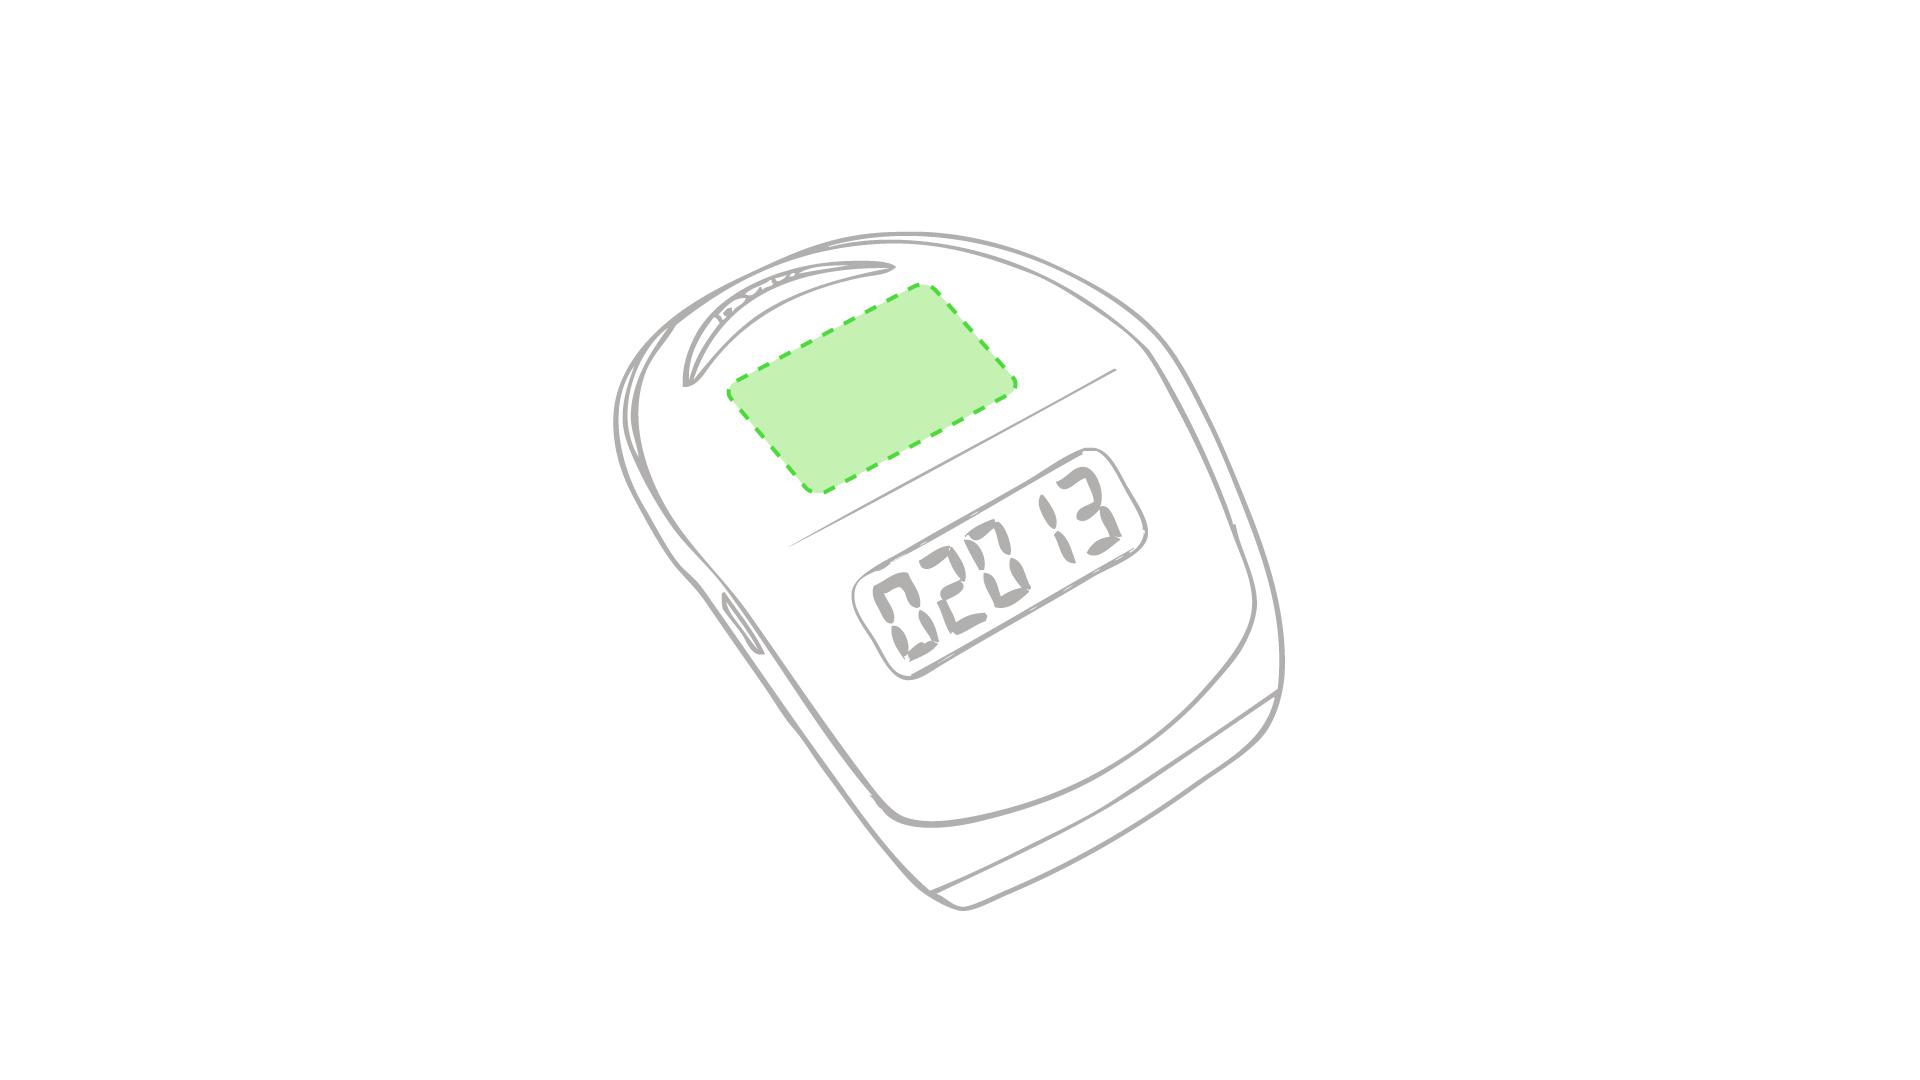 Entre el botón y la pantalla (superficie)